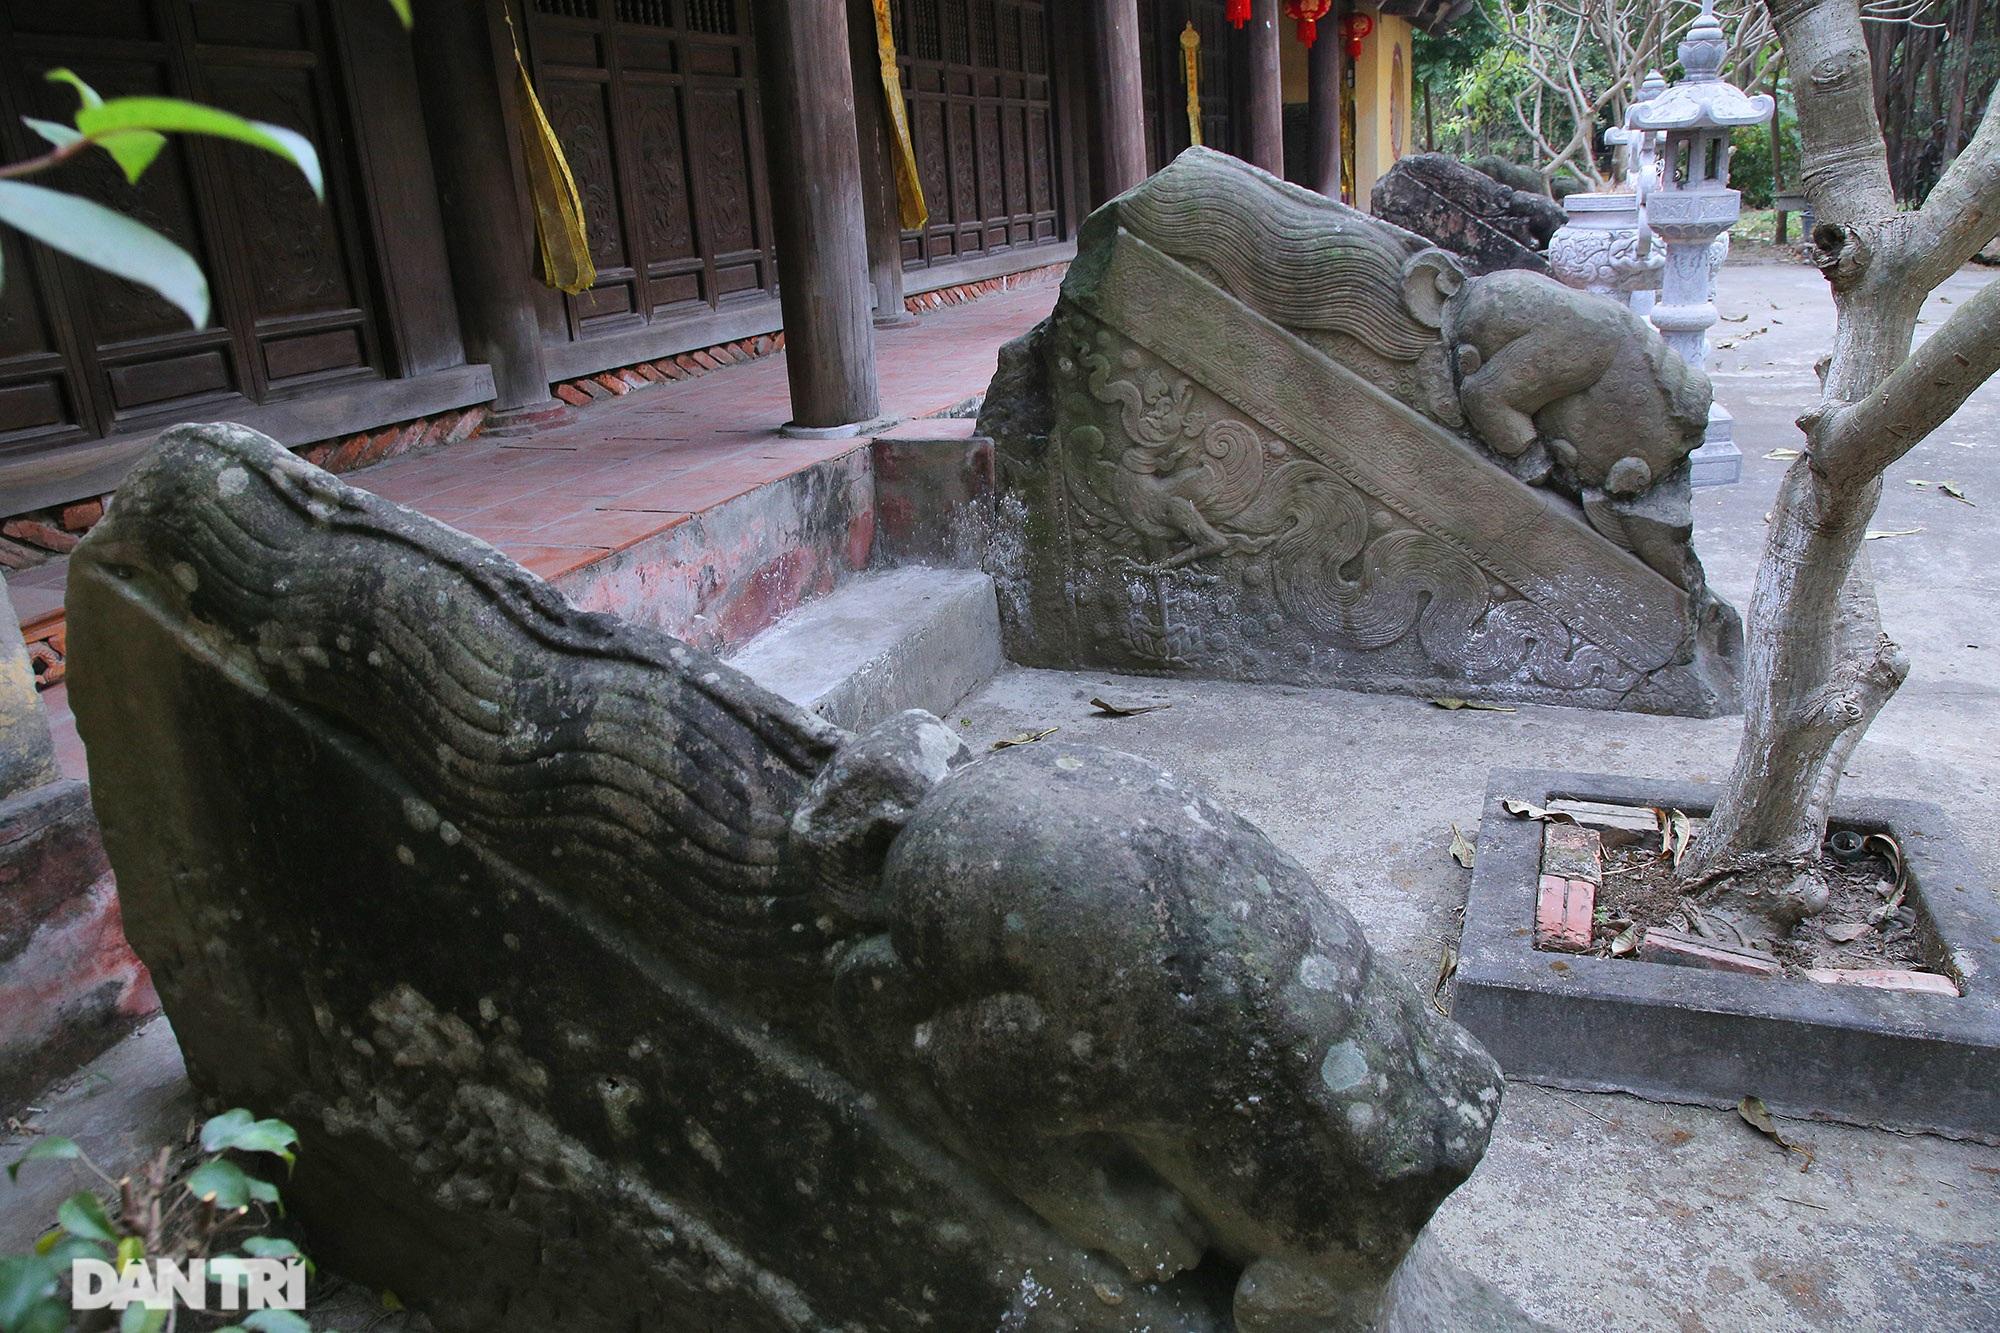 Heritage of massive stone sculpture at Huong Lang Pagoda - 2